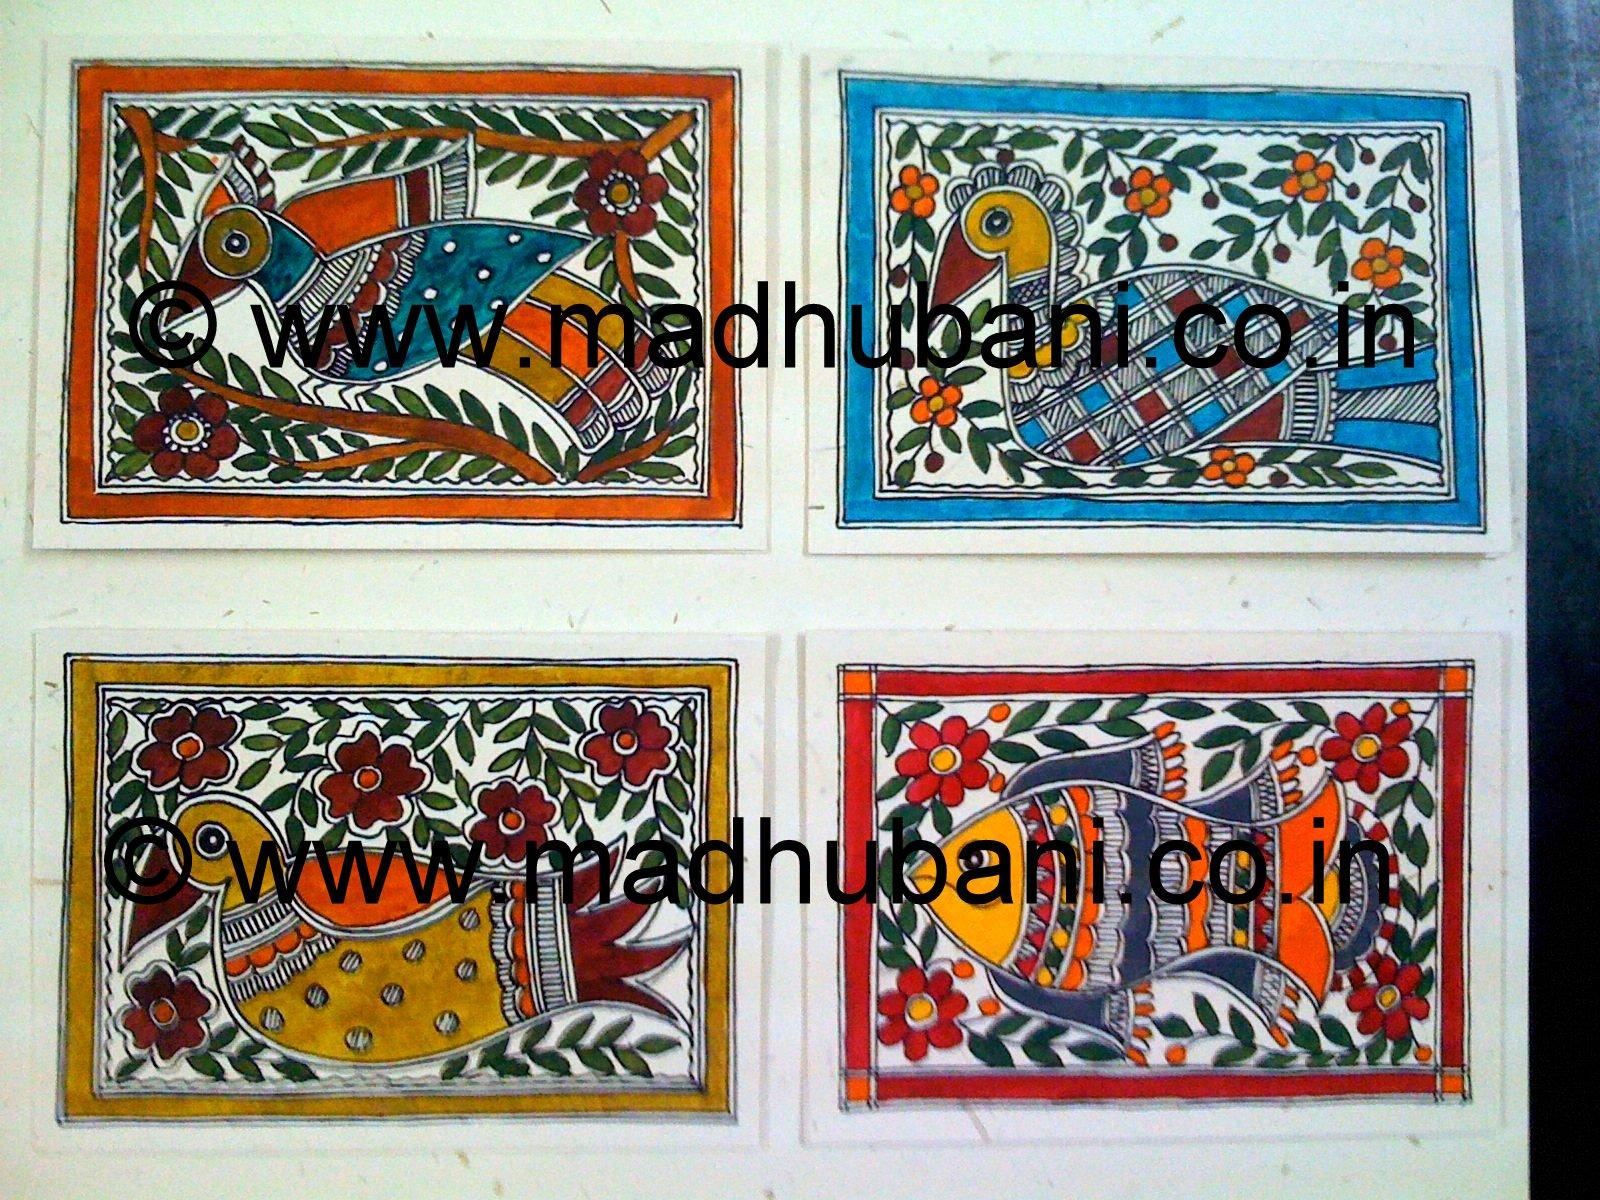 Madhubani mithila paintings by vidushini madhubani greeting cards madhubani greeting cards kristyandbryce Gallery